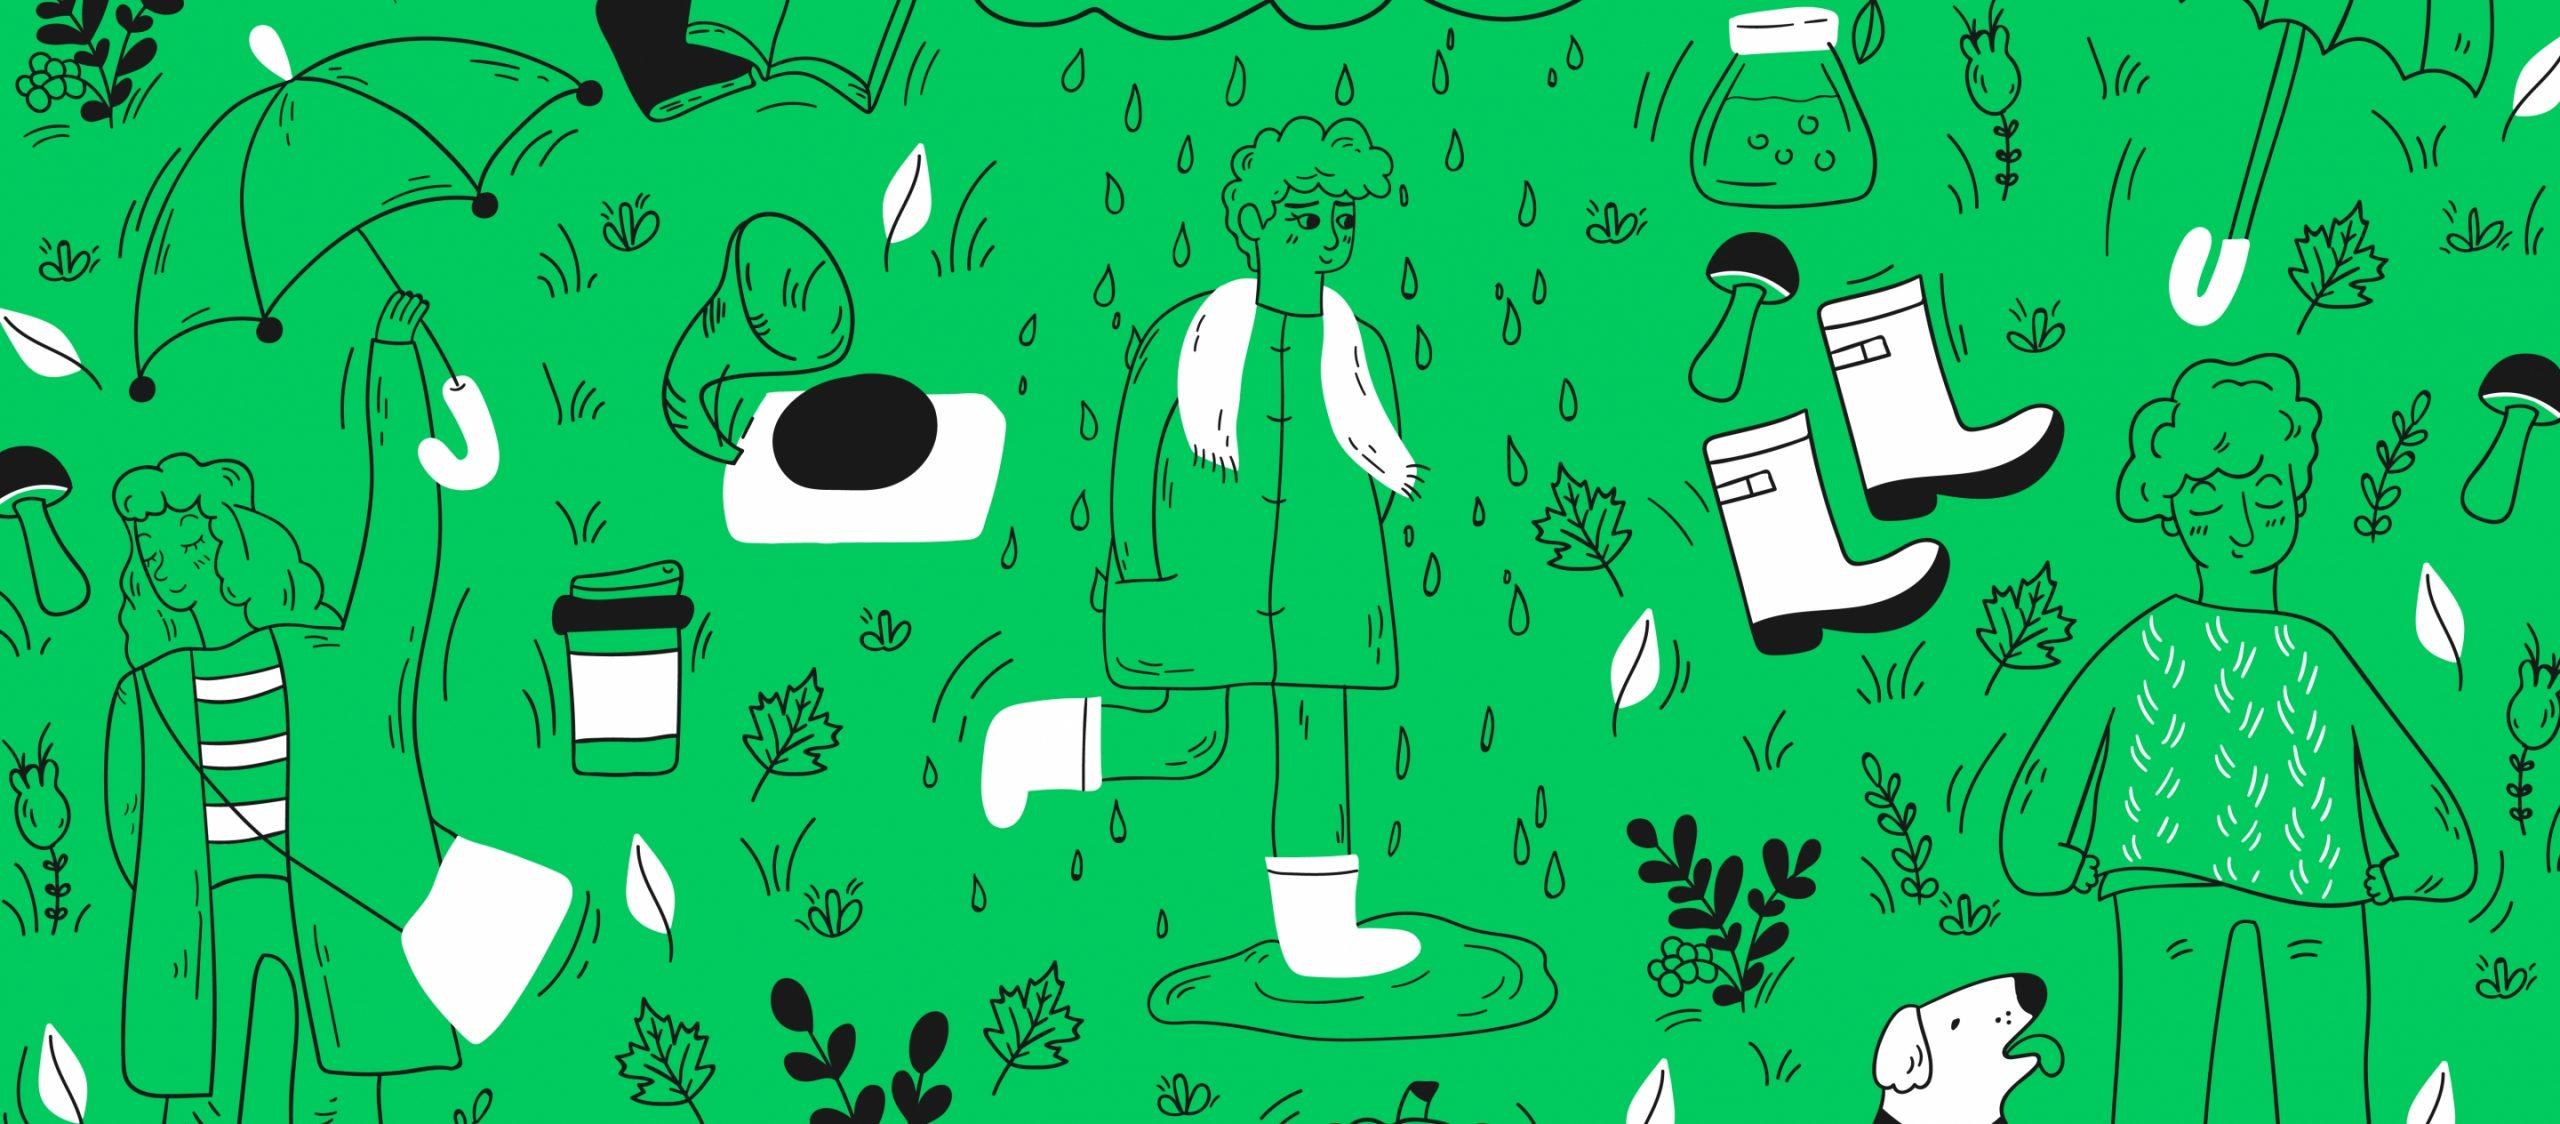 14 แทร็กฮิตคลายความคิดถึงในวันฝนพรำจาก 14 ศิลปินผู้รันวงการเพลงไทยตอนนี้